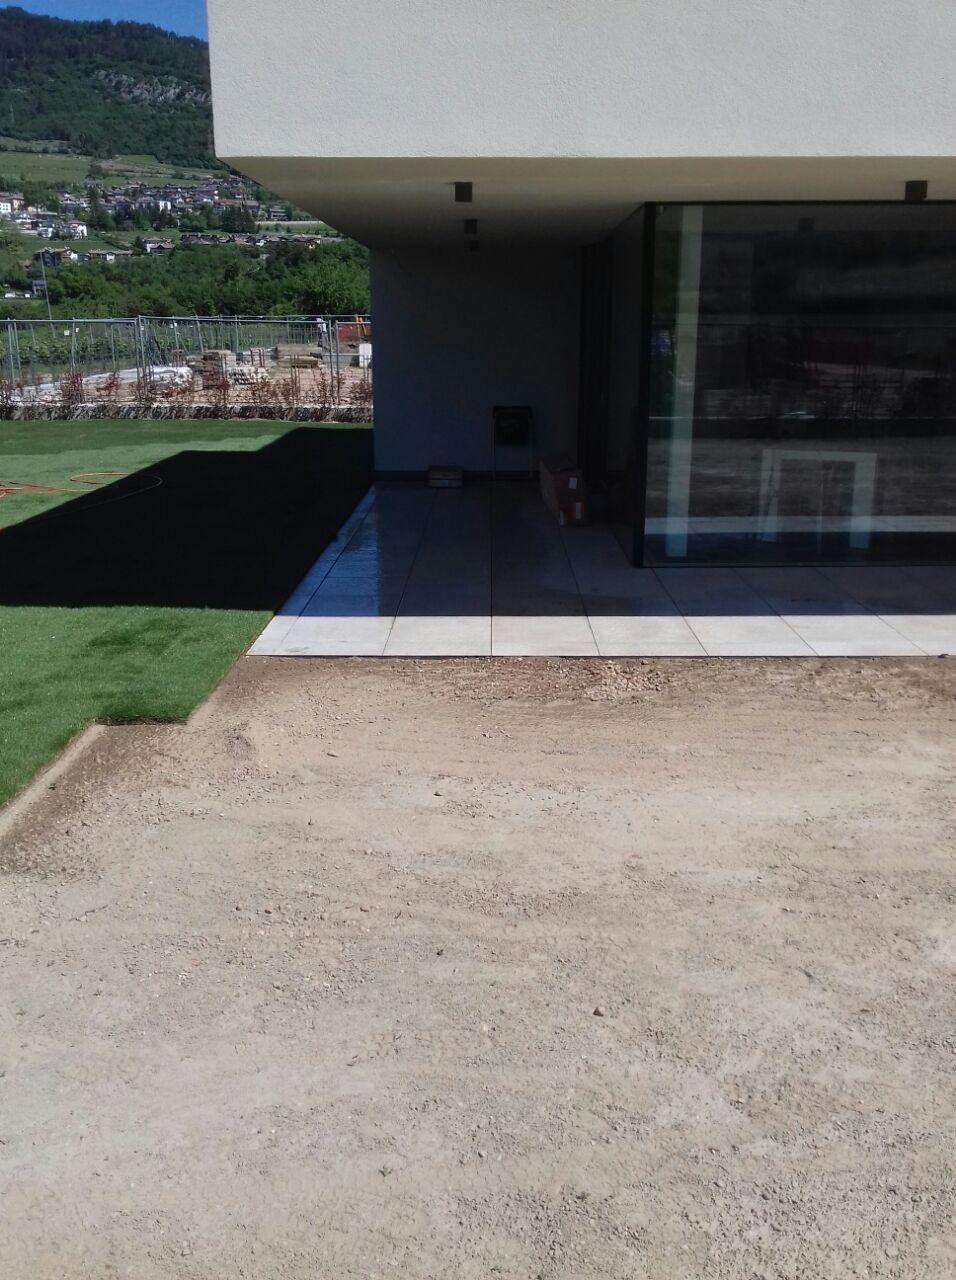 Giardinaggio trento artigiano casa tua for La tua casa trento